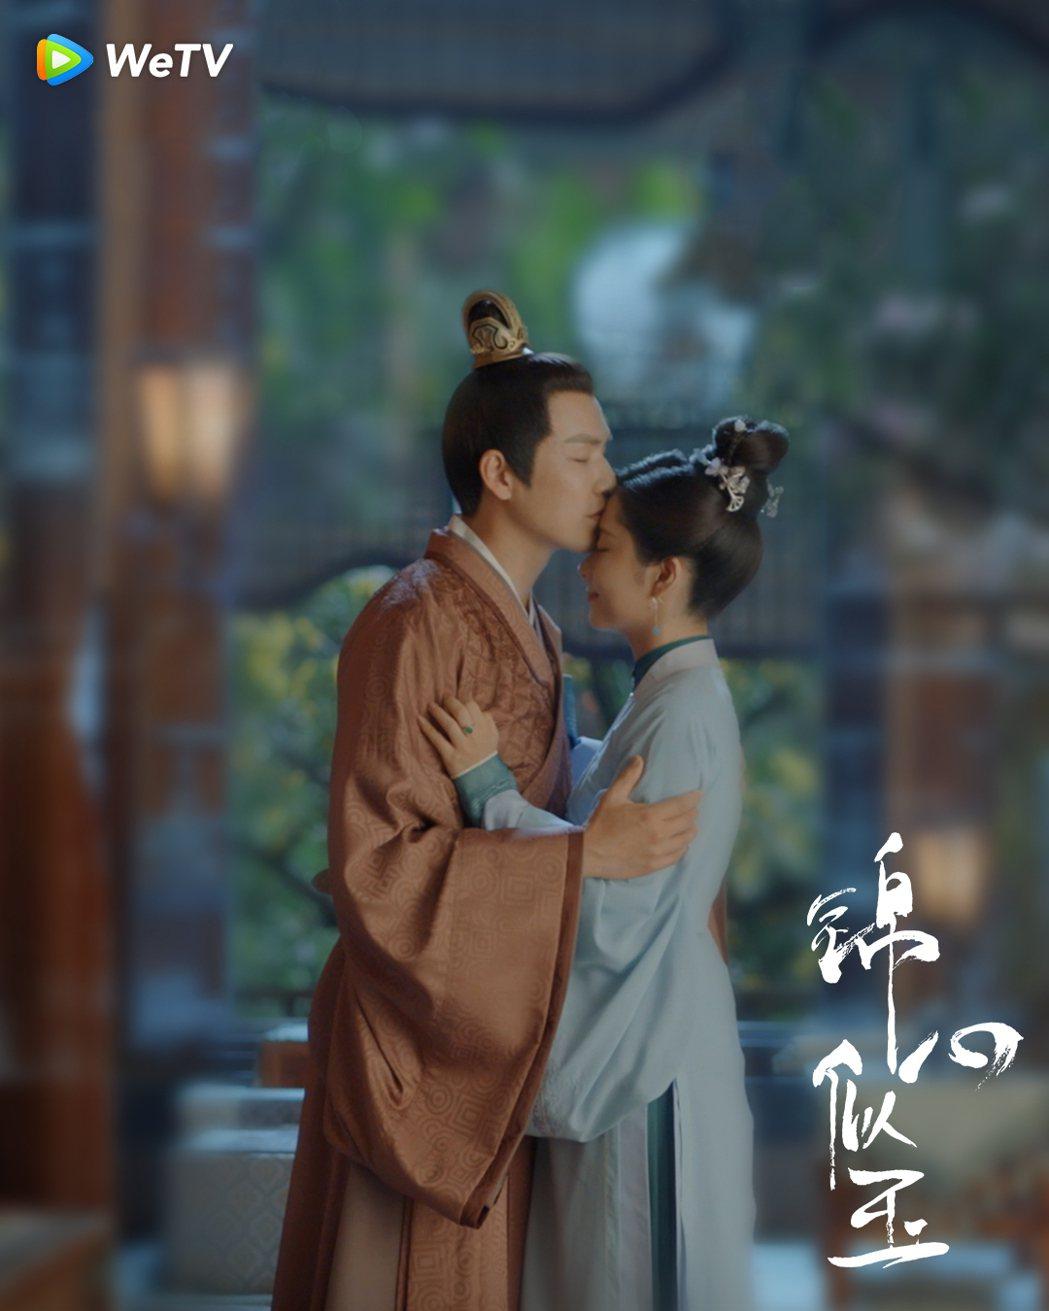 鍾漢良(左)與譚松韻在「錦心似玉」中的親密戲好事多磨。圖/WeTV海外提供